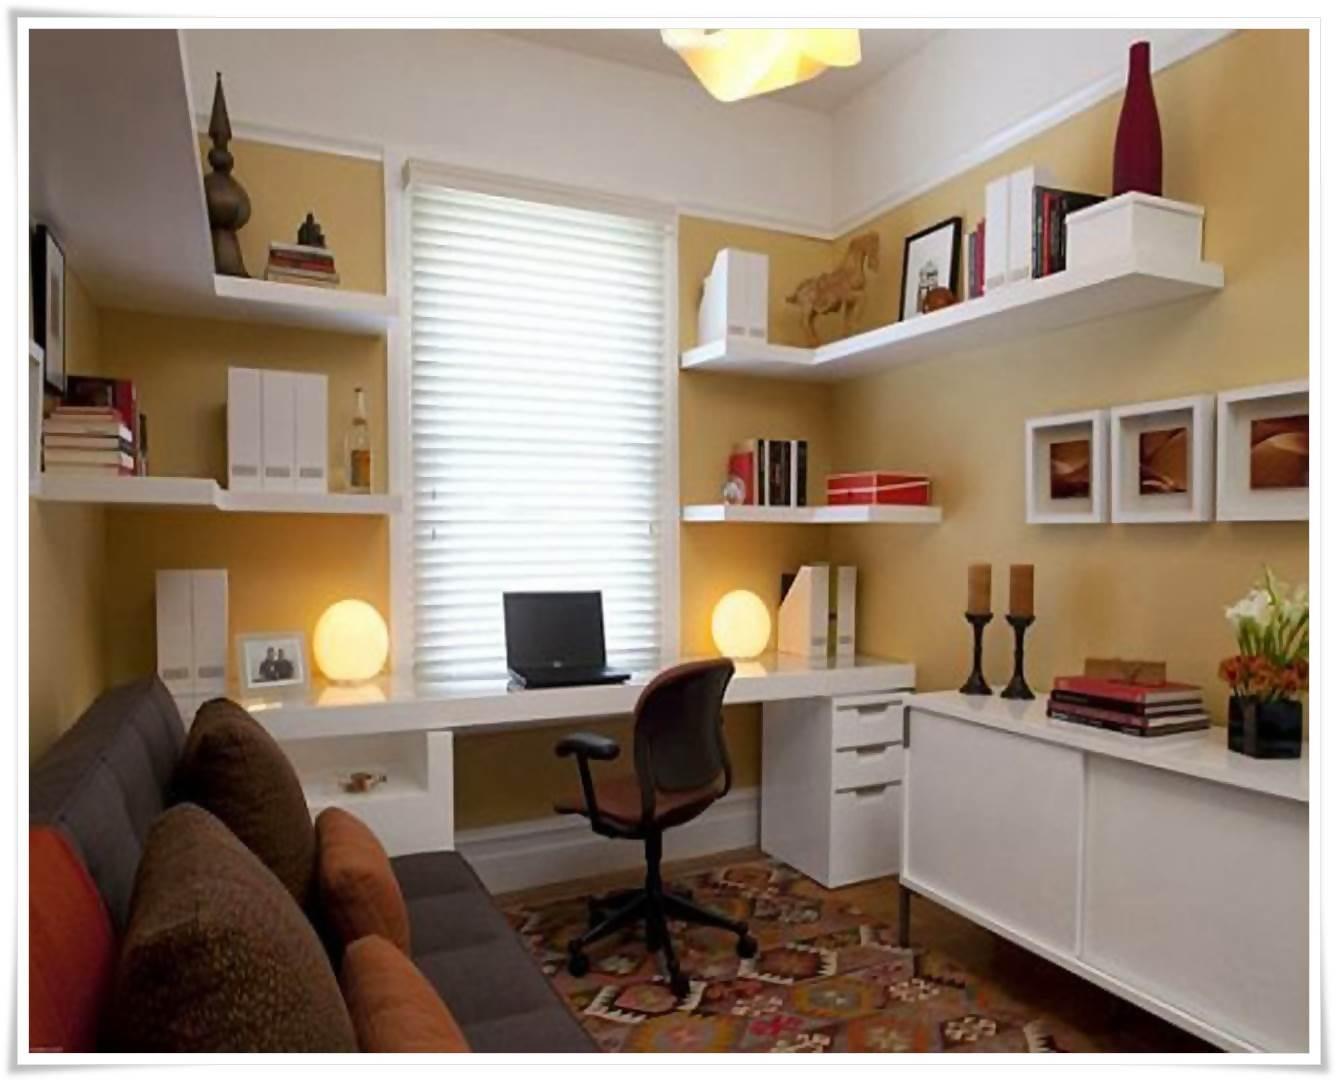 Como decorar quartos pequenos - Decorar cama como sofa ...